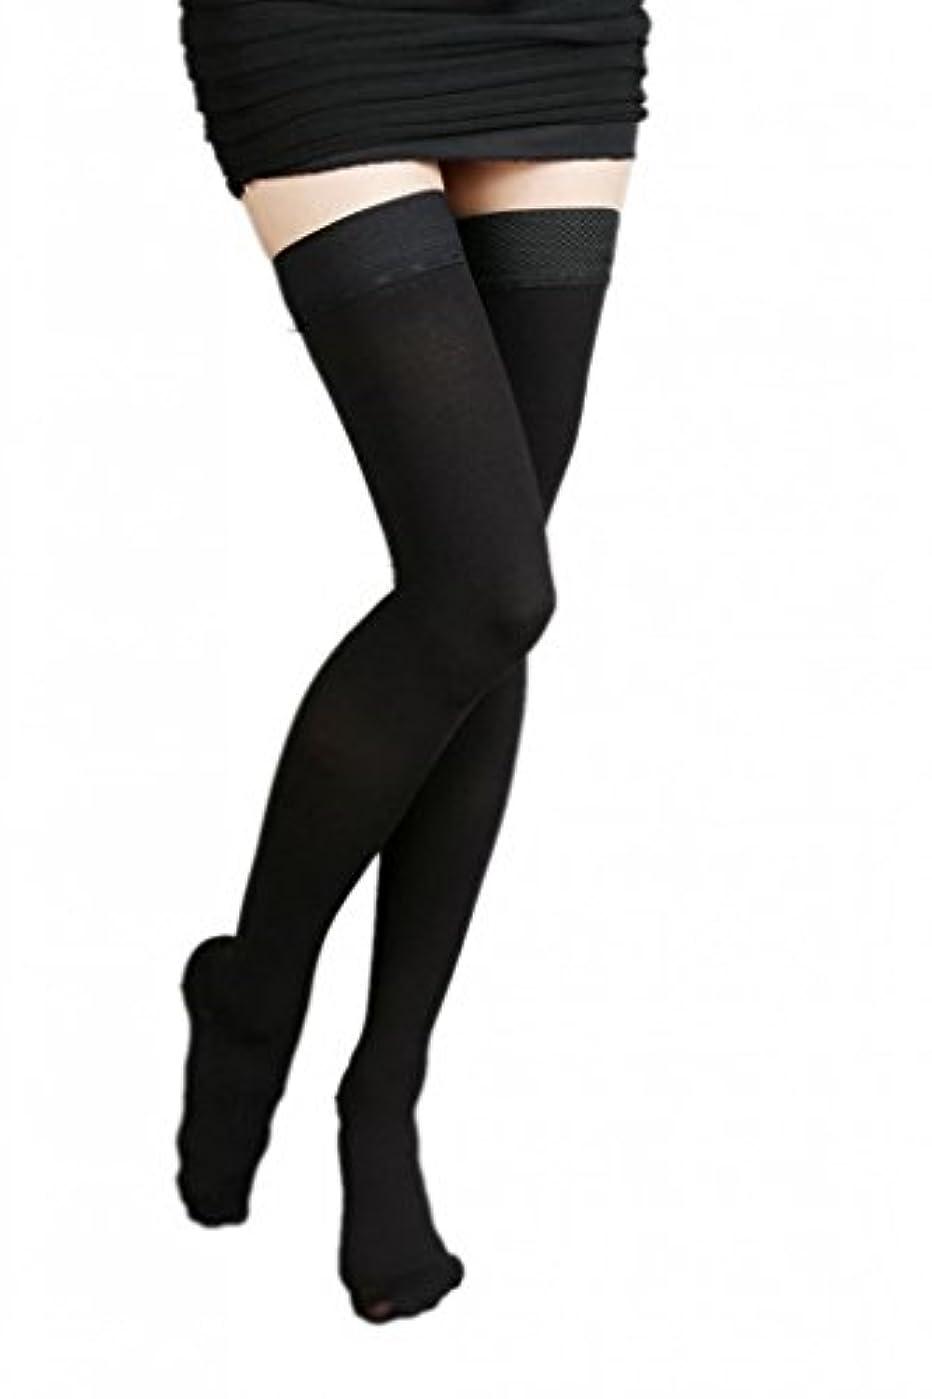 集計旅行代理店上流の(ラボーグ)La Vogue 美脚 着圧オーバーニーソックス ハイソックス 靴下 弾性ストッキング つま先あり着圧ソックス XL 2級中圧 黒色